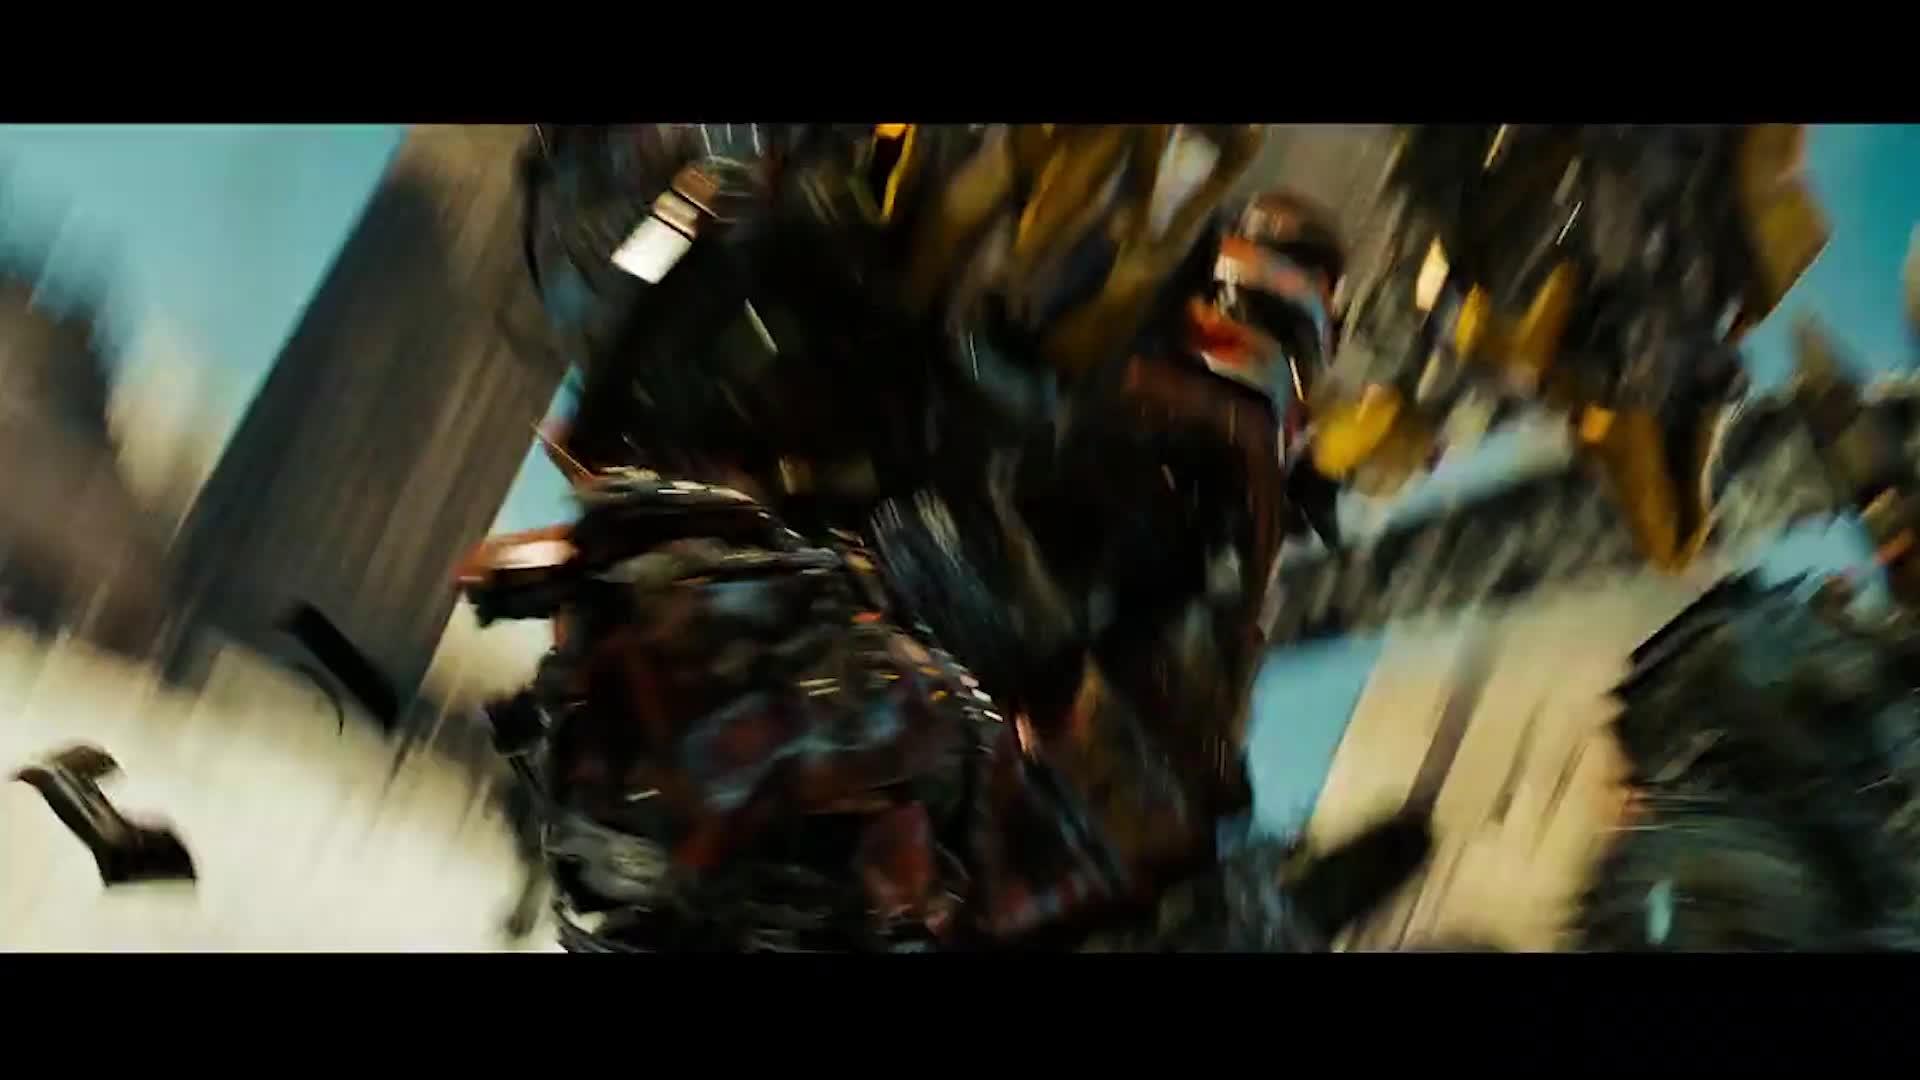 #电影迷的修养#【变形金刚】当我带上面具,你就准备迎接死亡 吧!